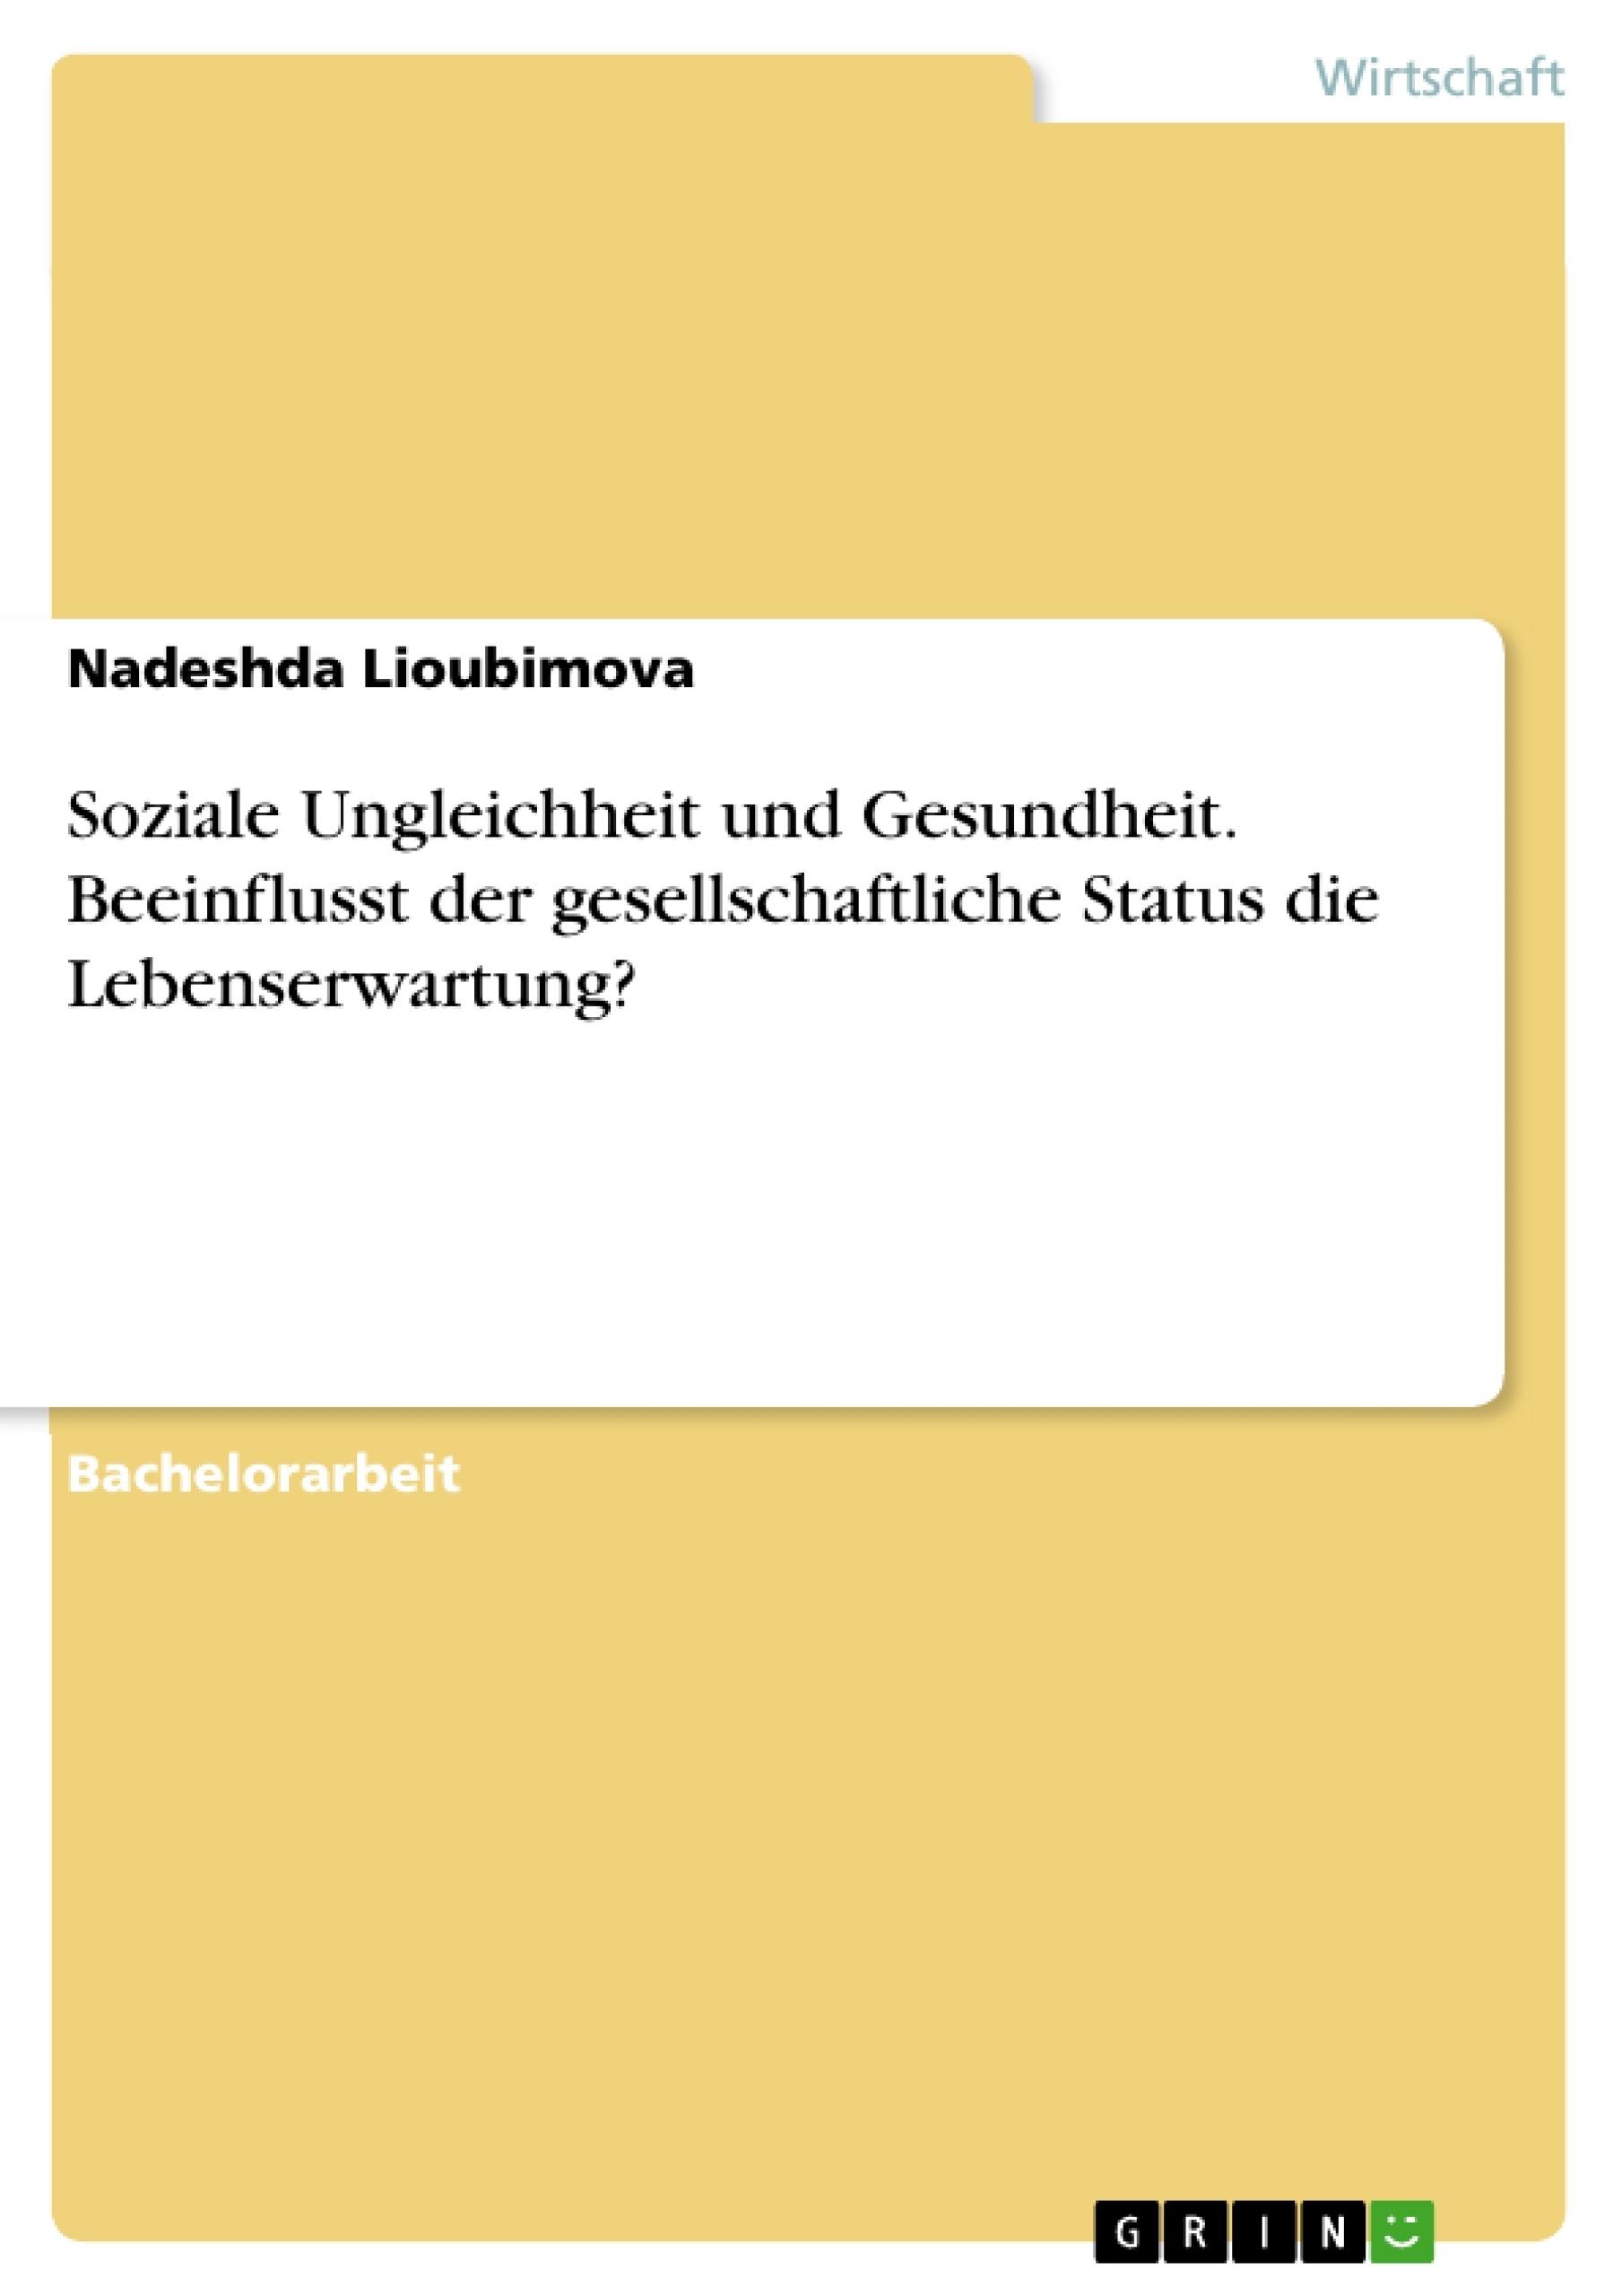 Charmant Eine Beispielzusammenfassung Für Den Administrativen ...